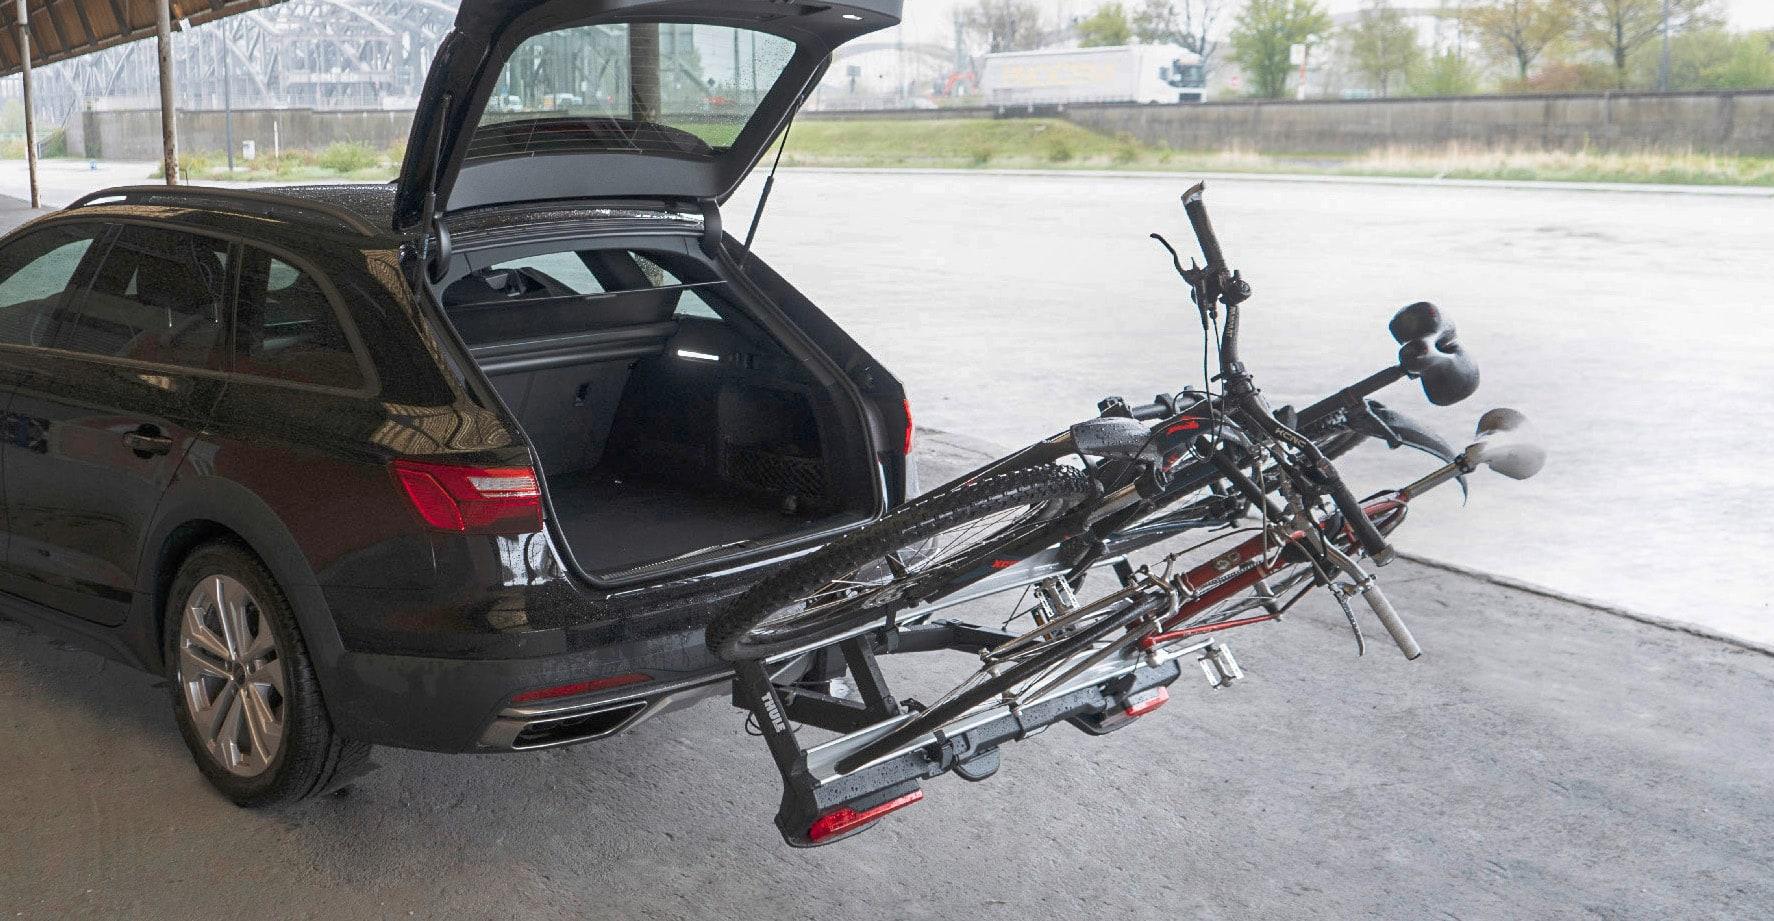 Fahrradträger zum umklappen